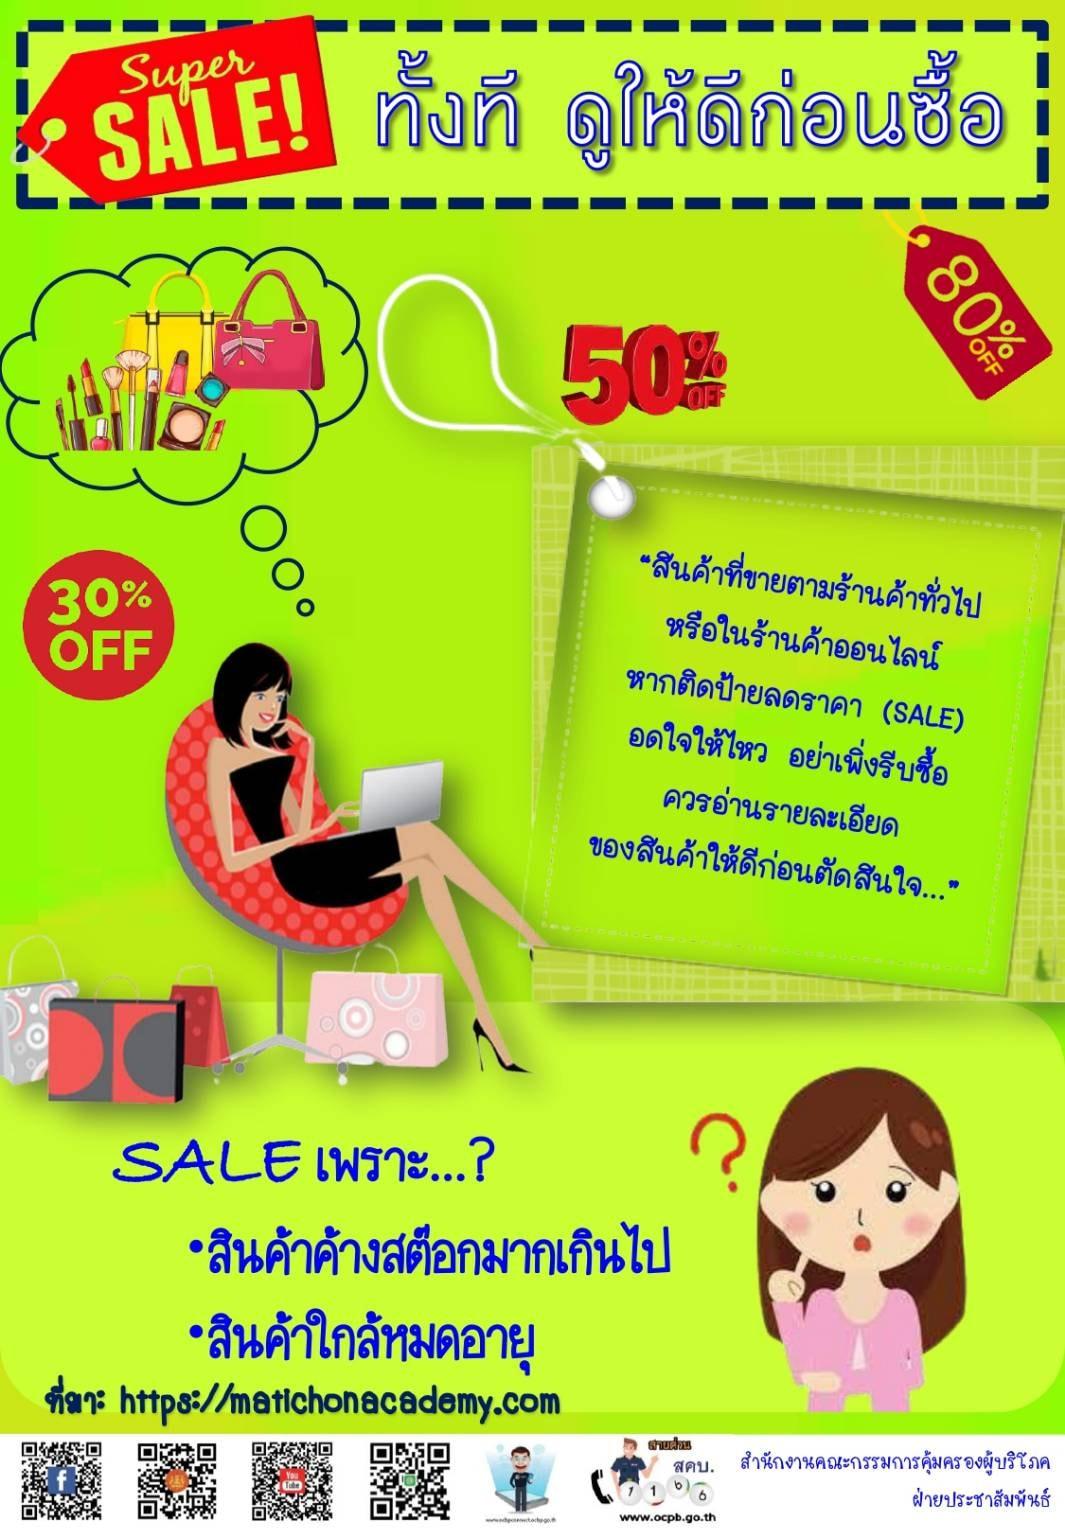 info Sale ทั้งที ดูให้ดีก่อนซื้อ